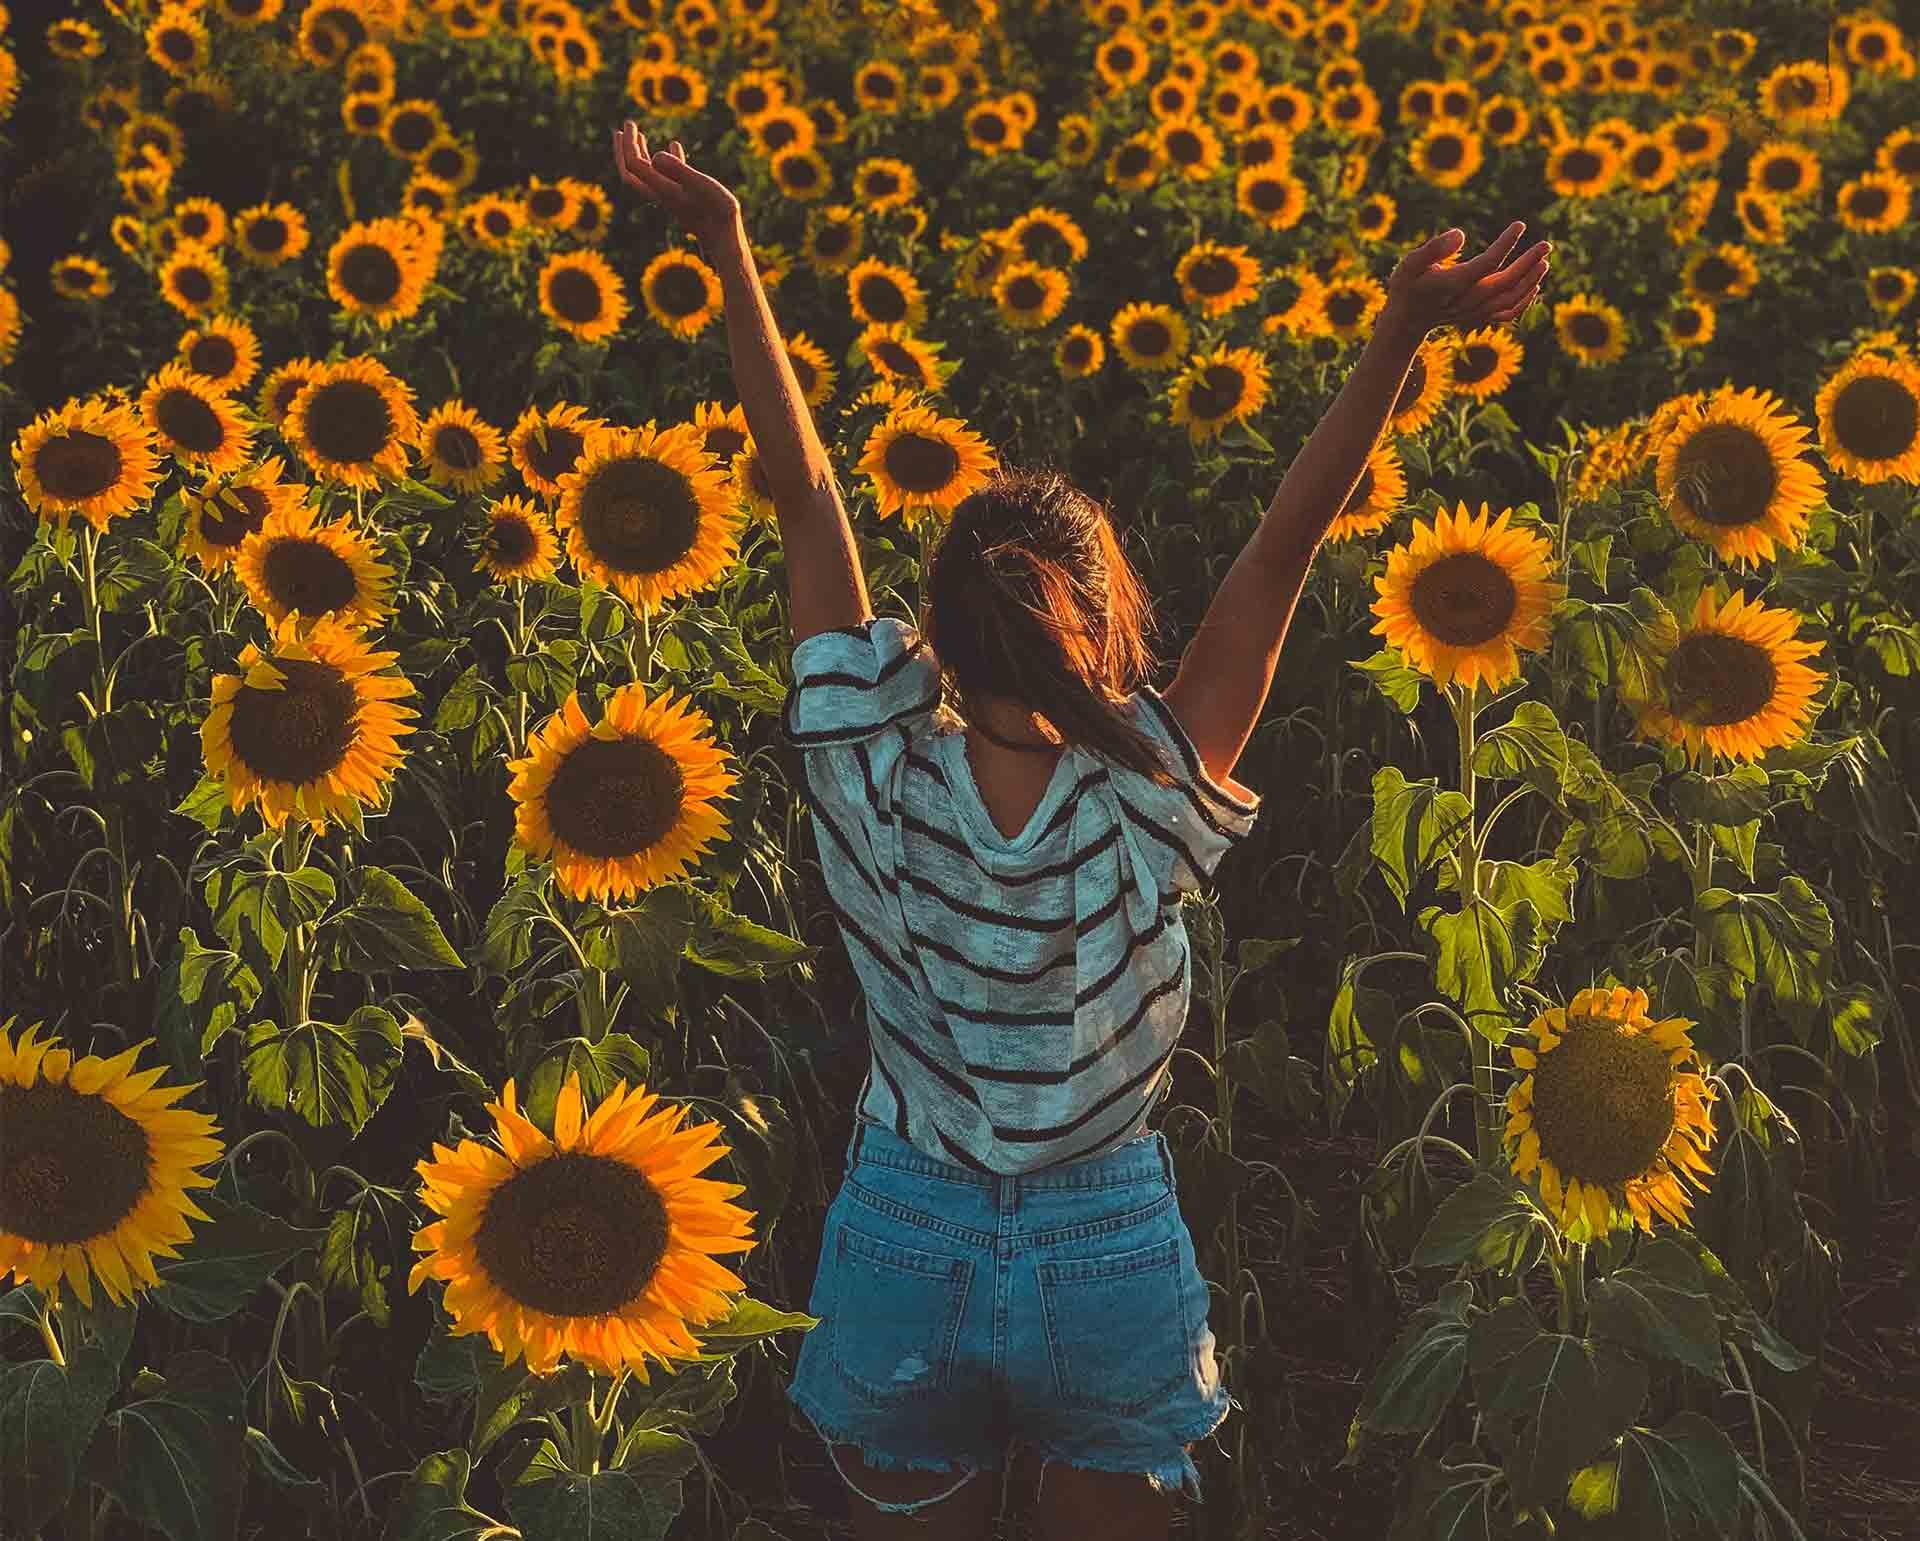 Ljeto godišnje doba djevojka u polju suncokreta